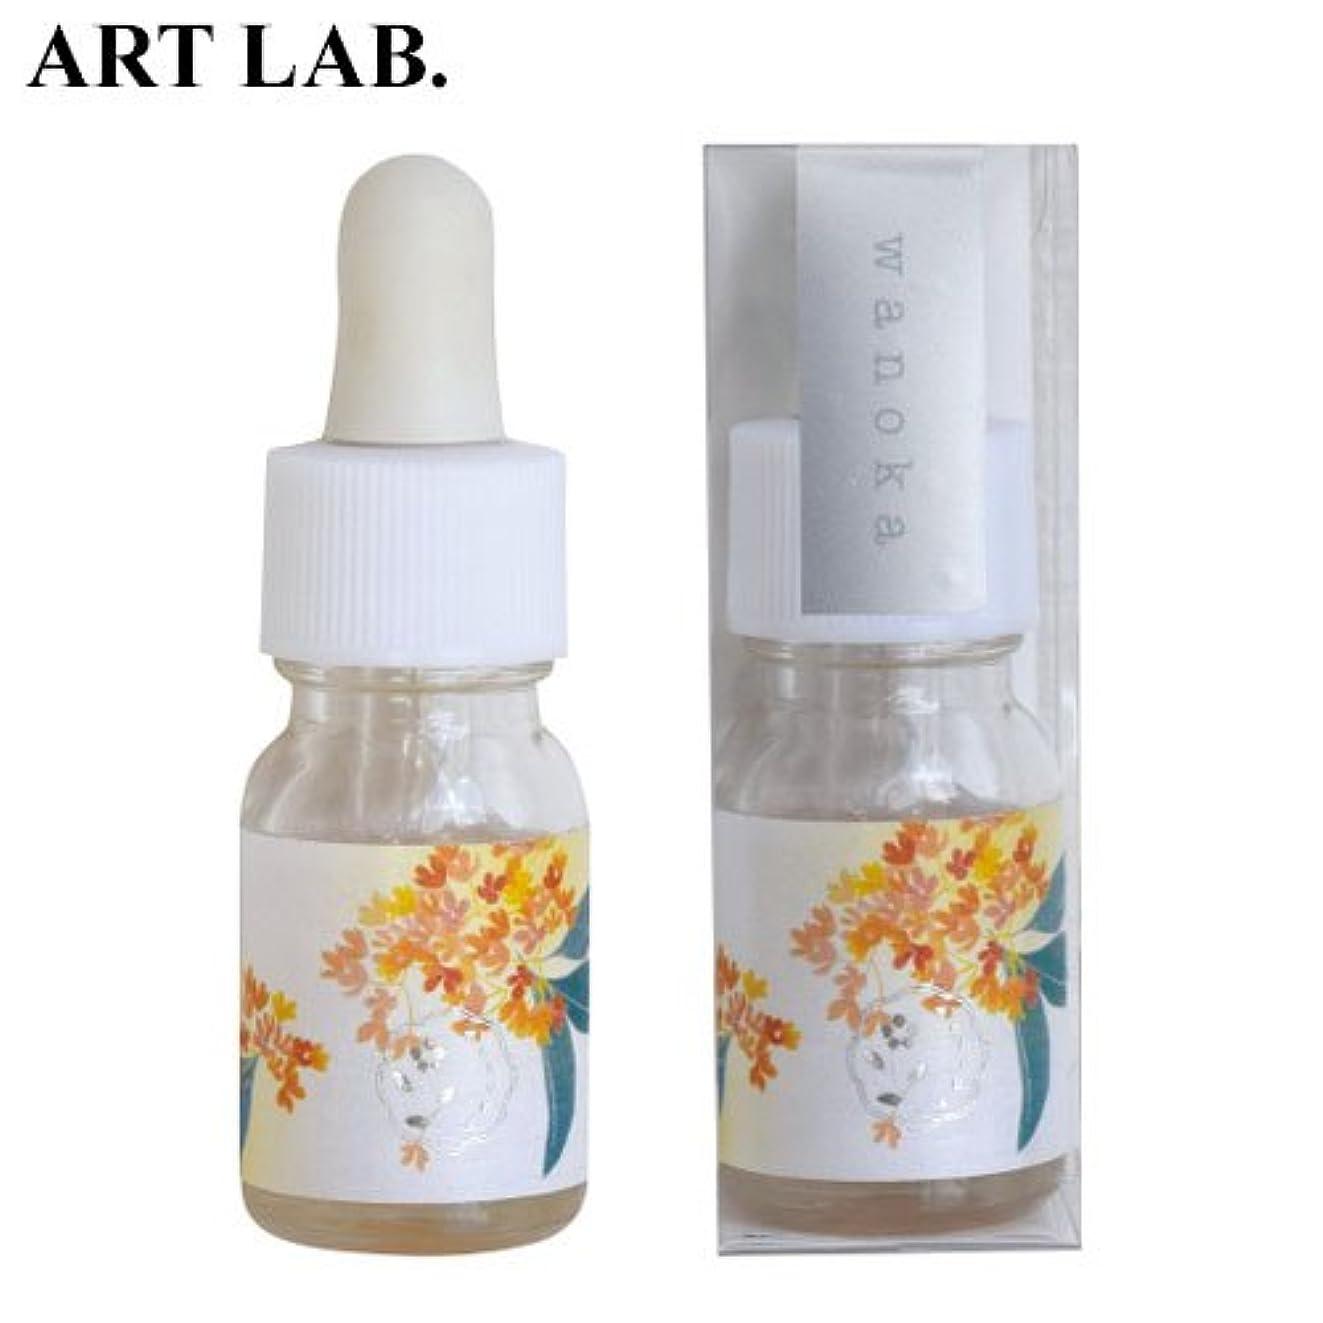 ダウンノート潜水艦wanoka香油アロマオイル金木犀《果実のような甘い香り》ART LABAromatic oil